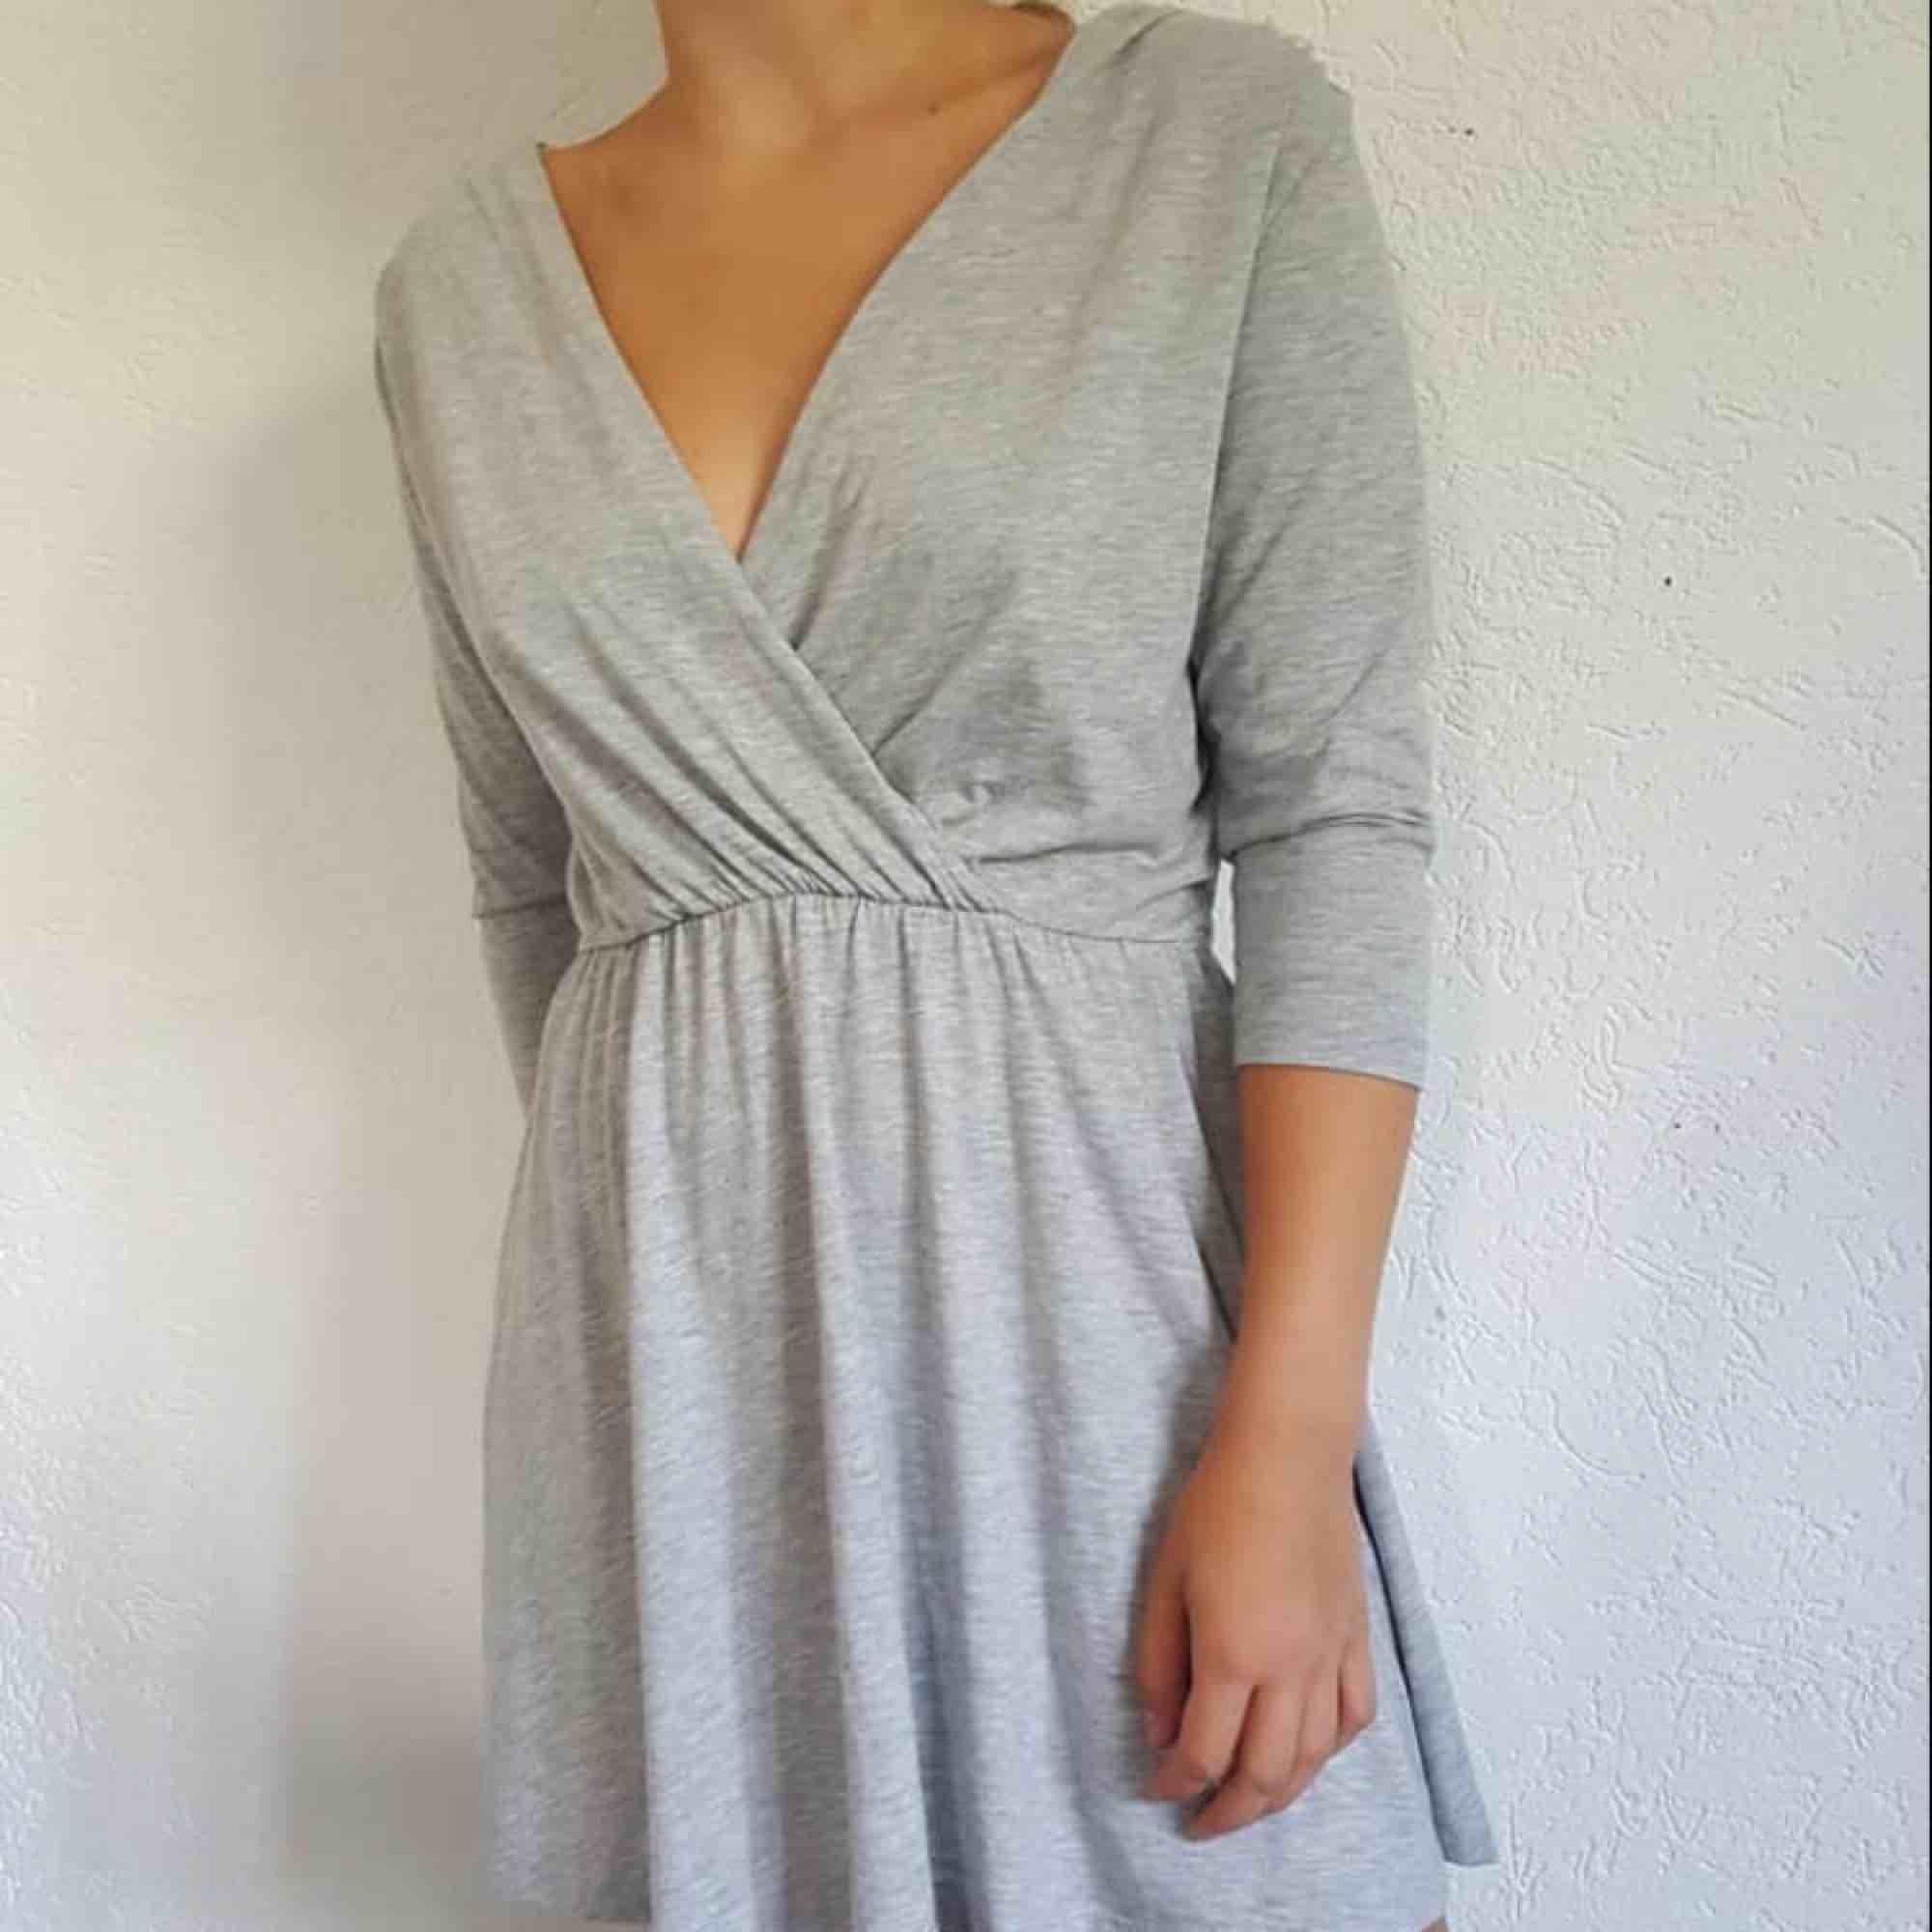 Mycket grå fin klänning bik bok stl s  Frakt spårbar 52:- eller hämtas Sölvesborg . Klänningar.